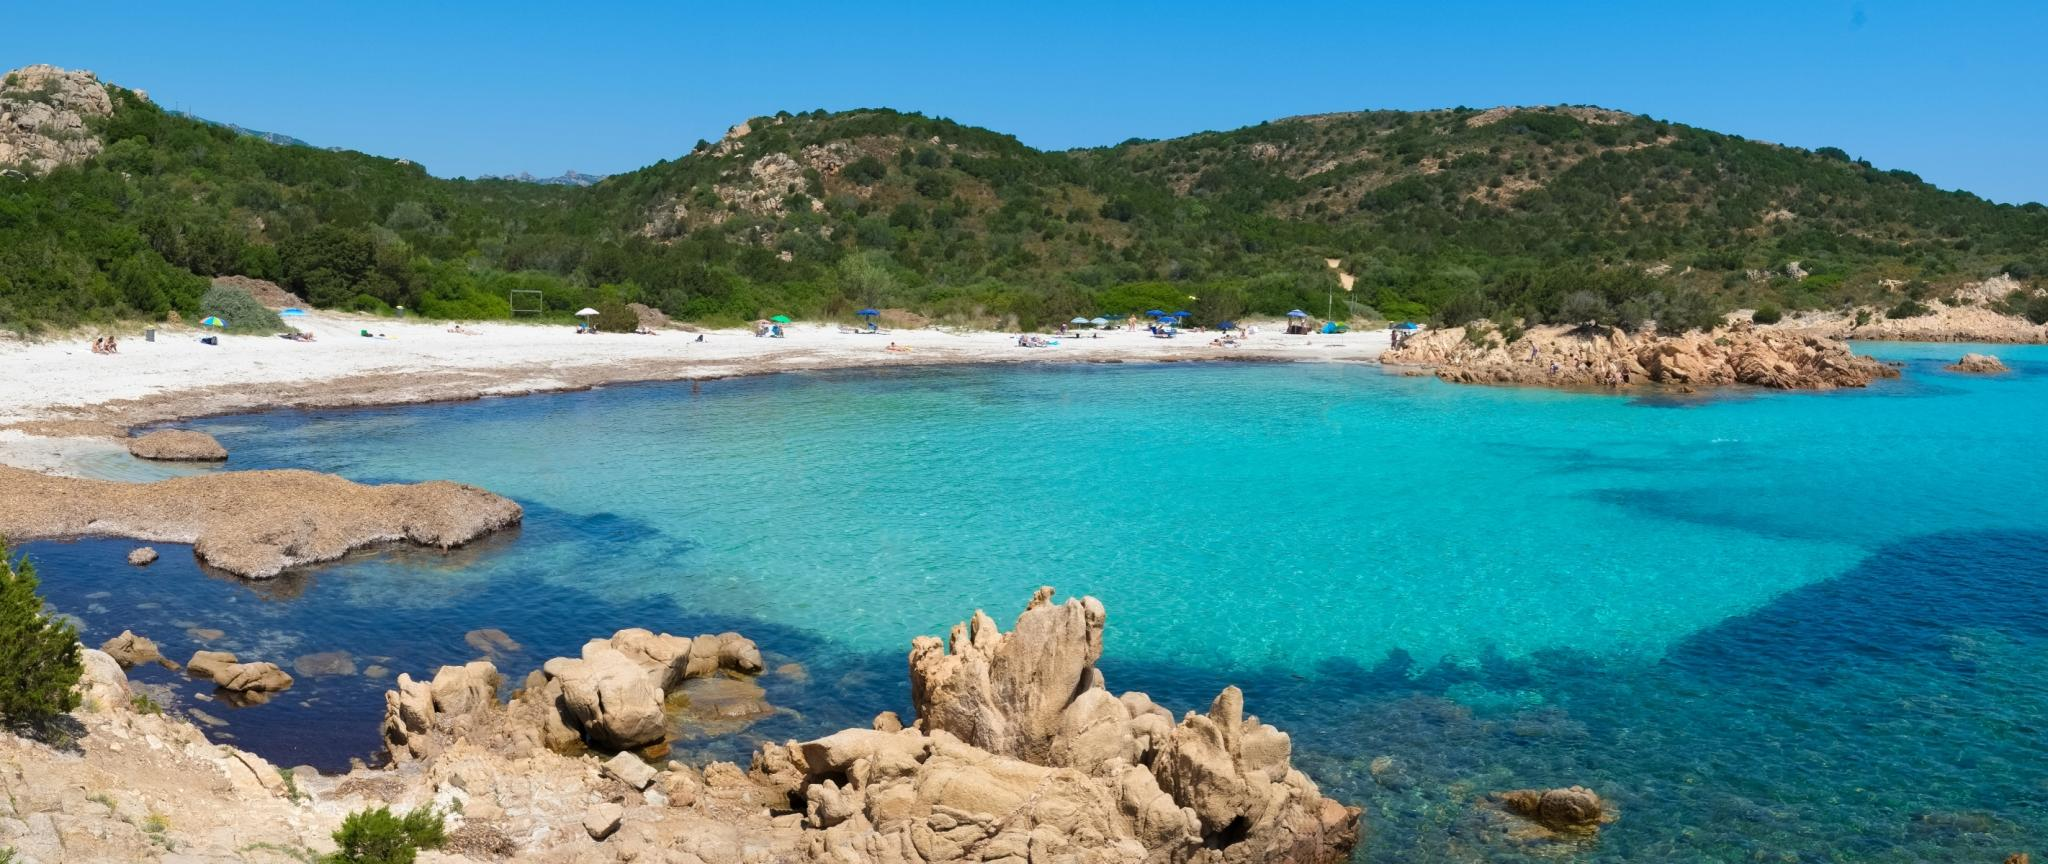 The spiagge del principe prince s beaches for Arredi costa smeralda